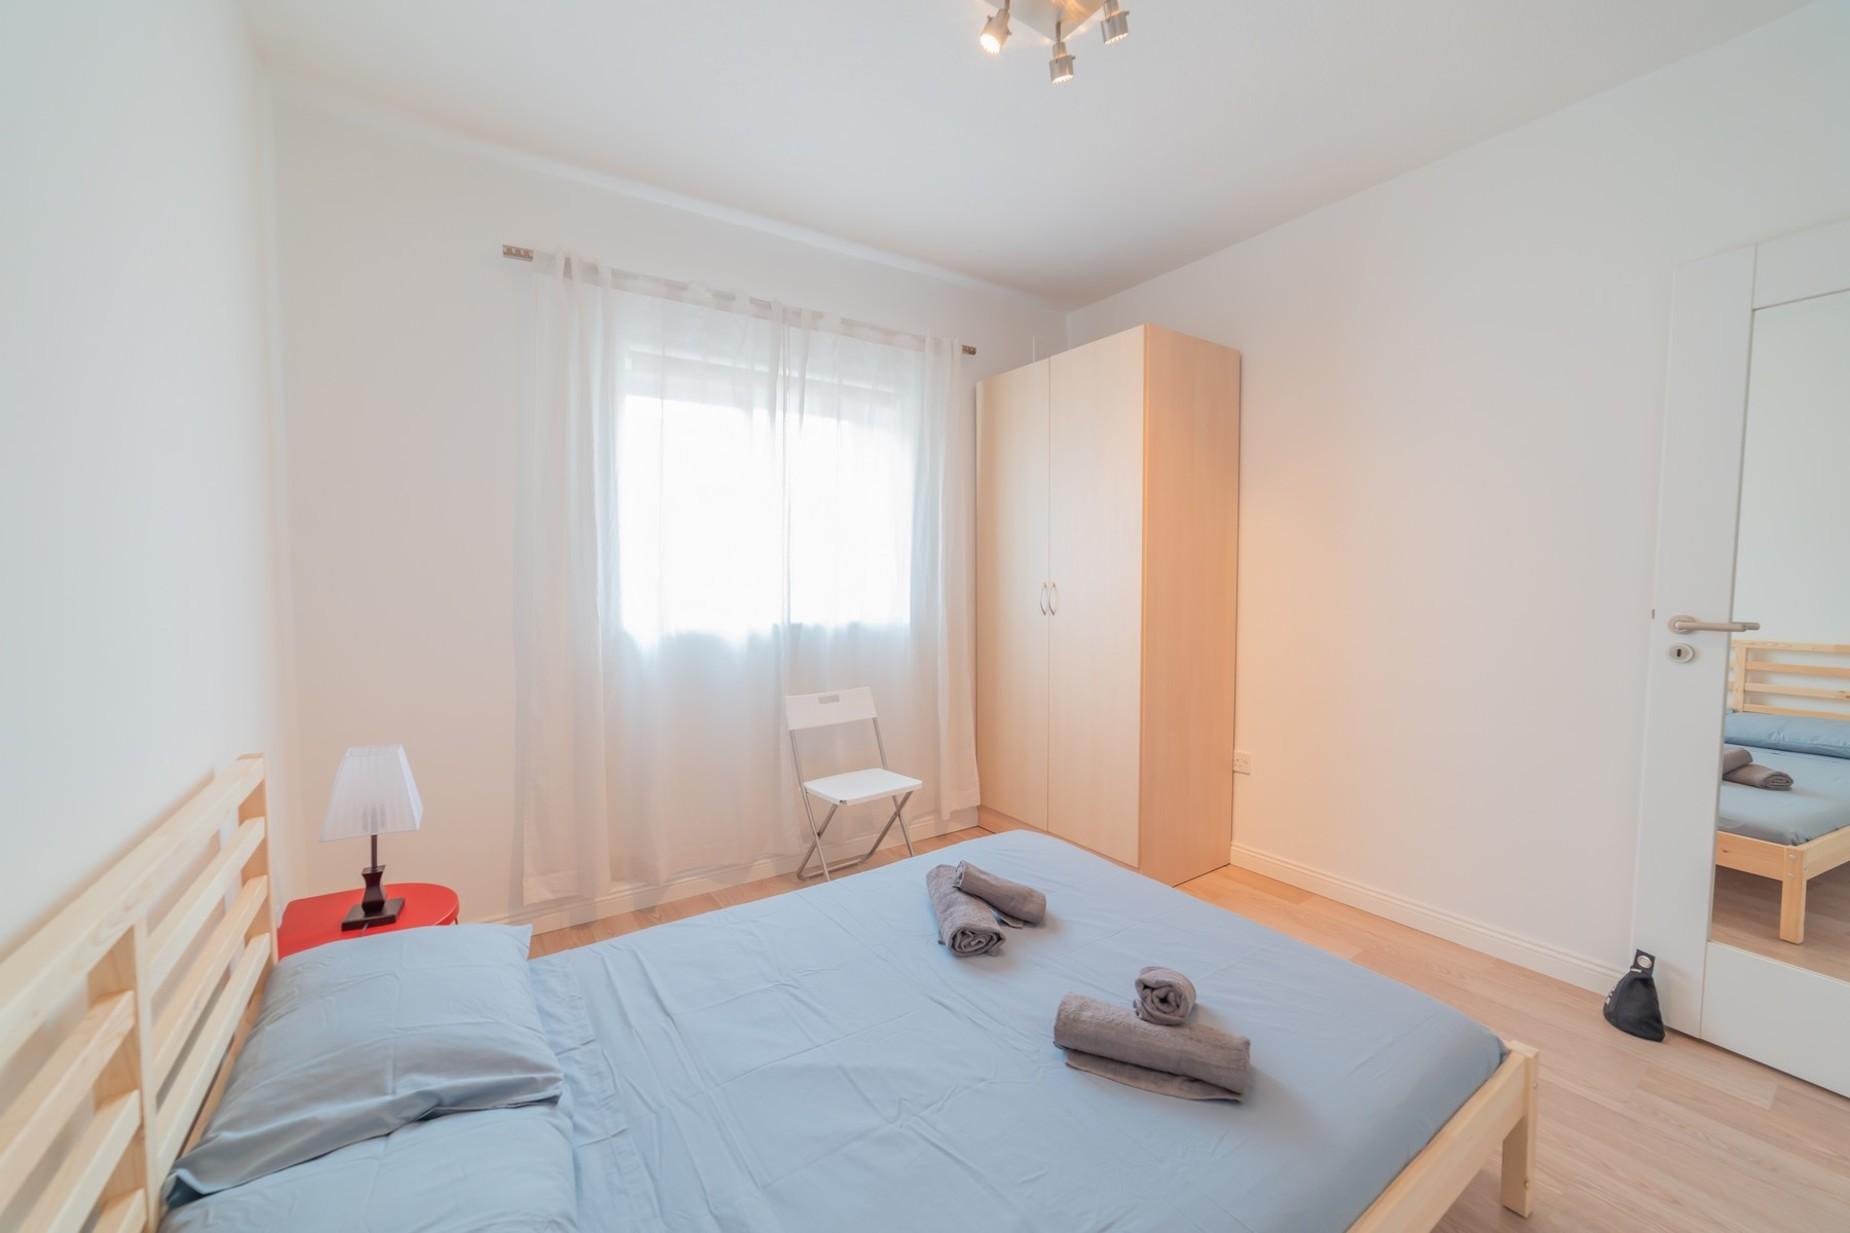 3 bed Apartment For Rent in Pieta, Pieta - thumb 15